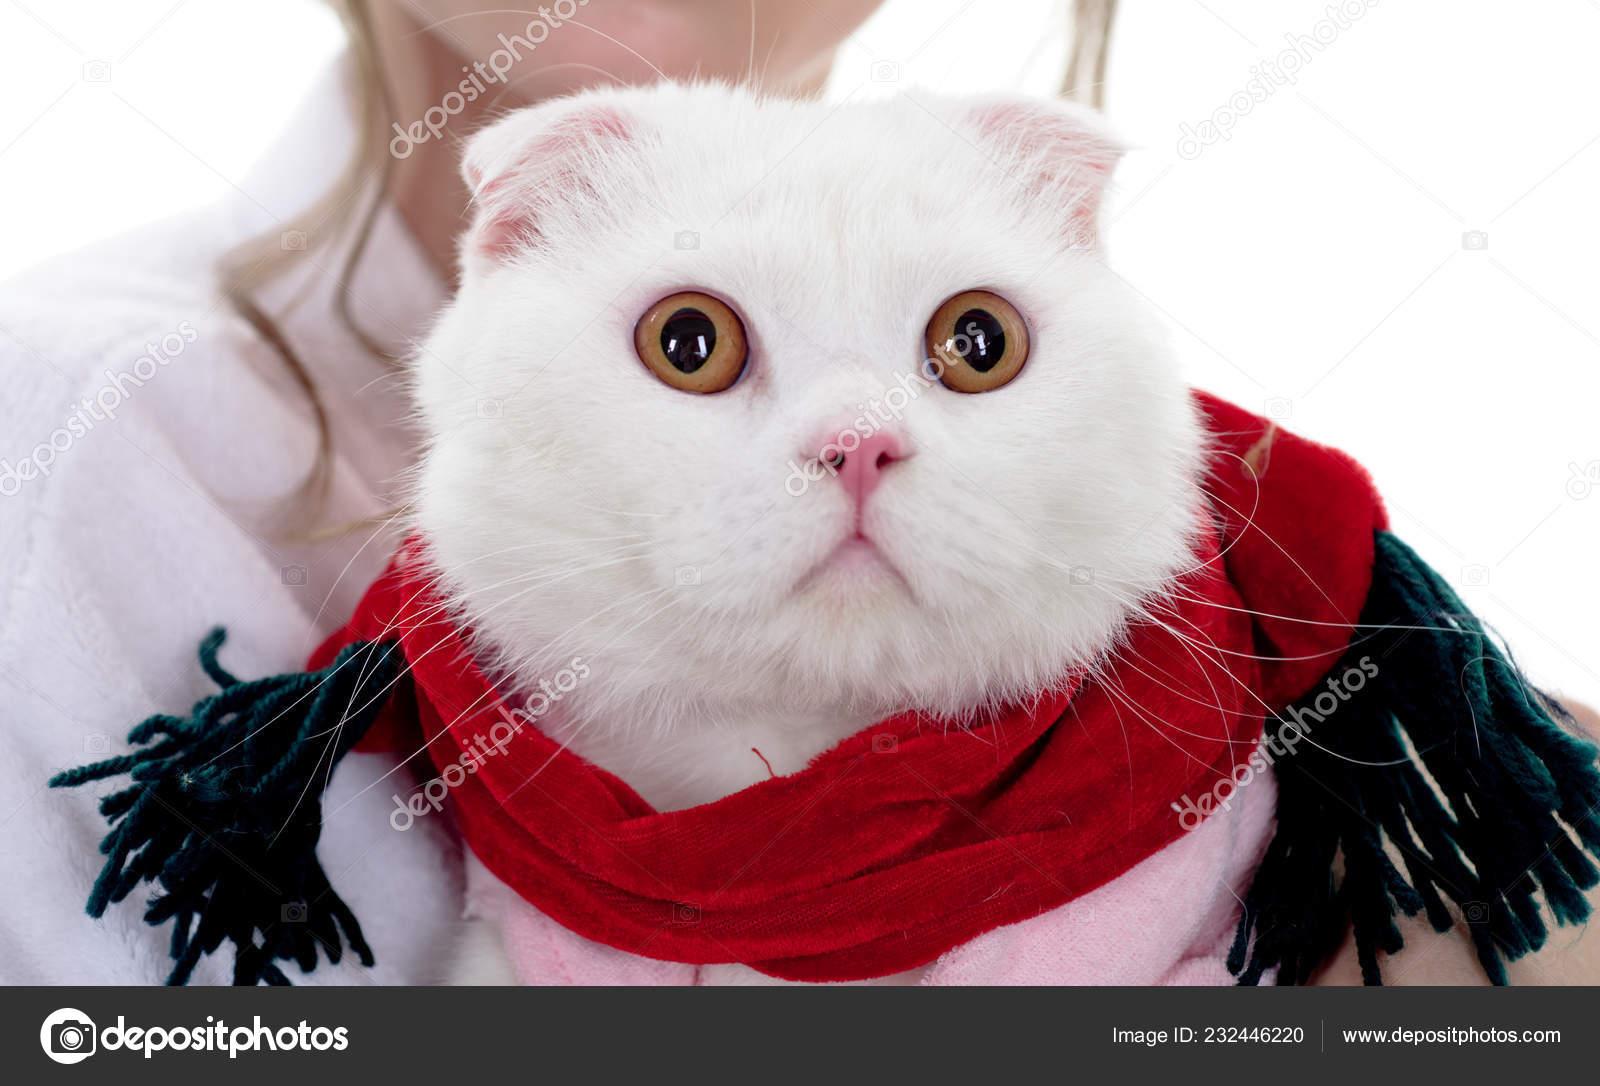 c8377fa22c3f Χριστούγεννα Χνουδωτή Γάτα Φιλόξενο Ζώο Στο Σπίτι Άσπρη Γάτα Άσπρο — Φωτογραφία  Αρχείου